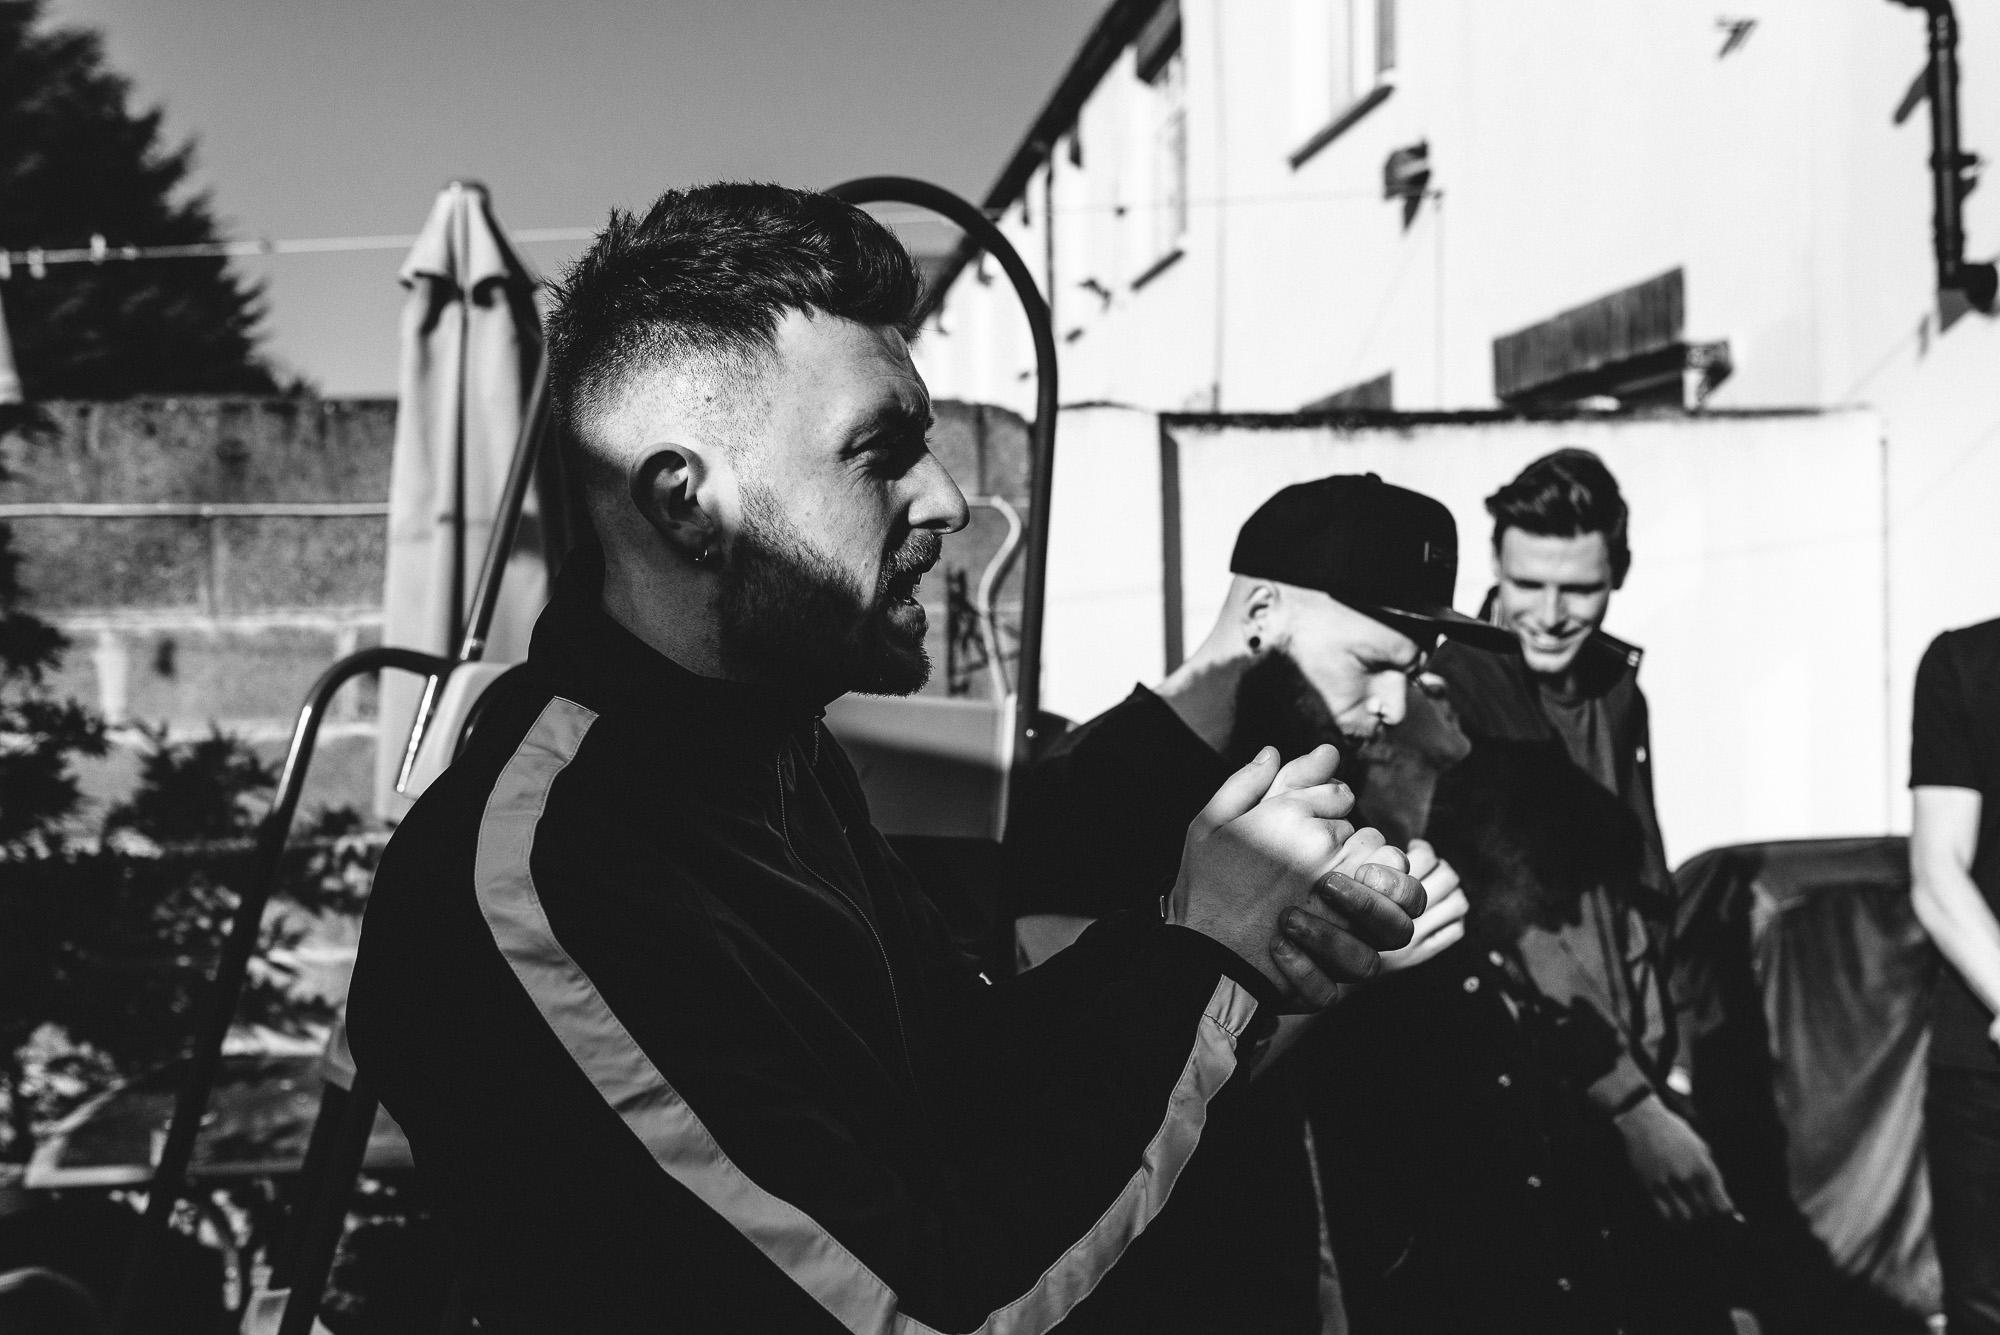 Burnt Out - Dublin - Music Photography_-23.JPG